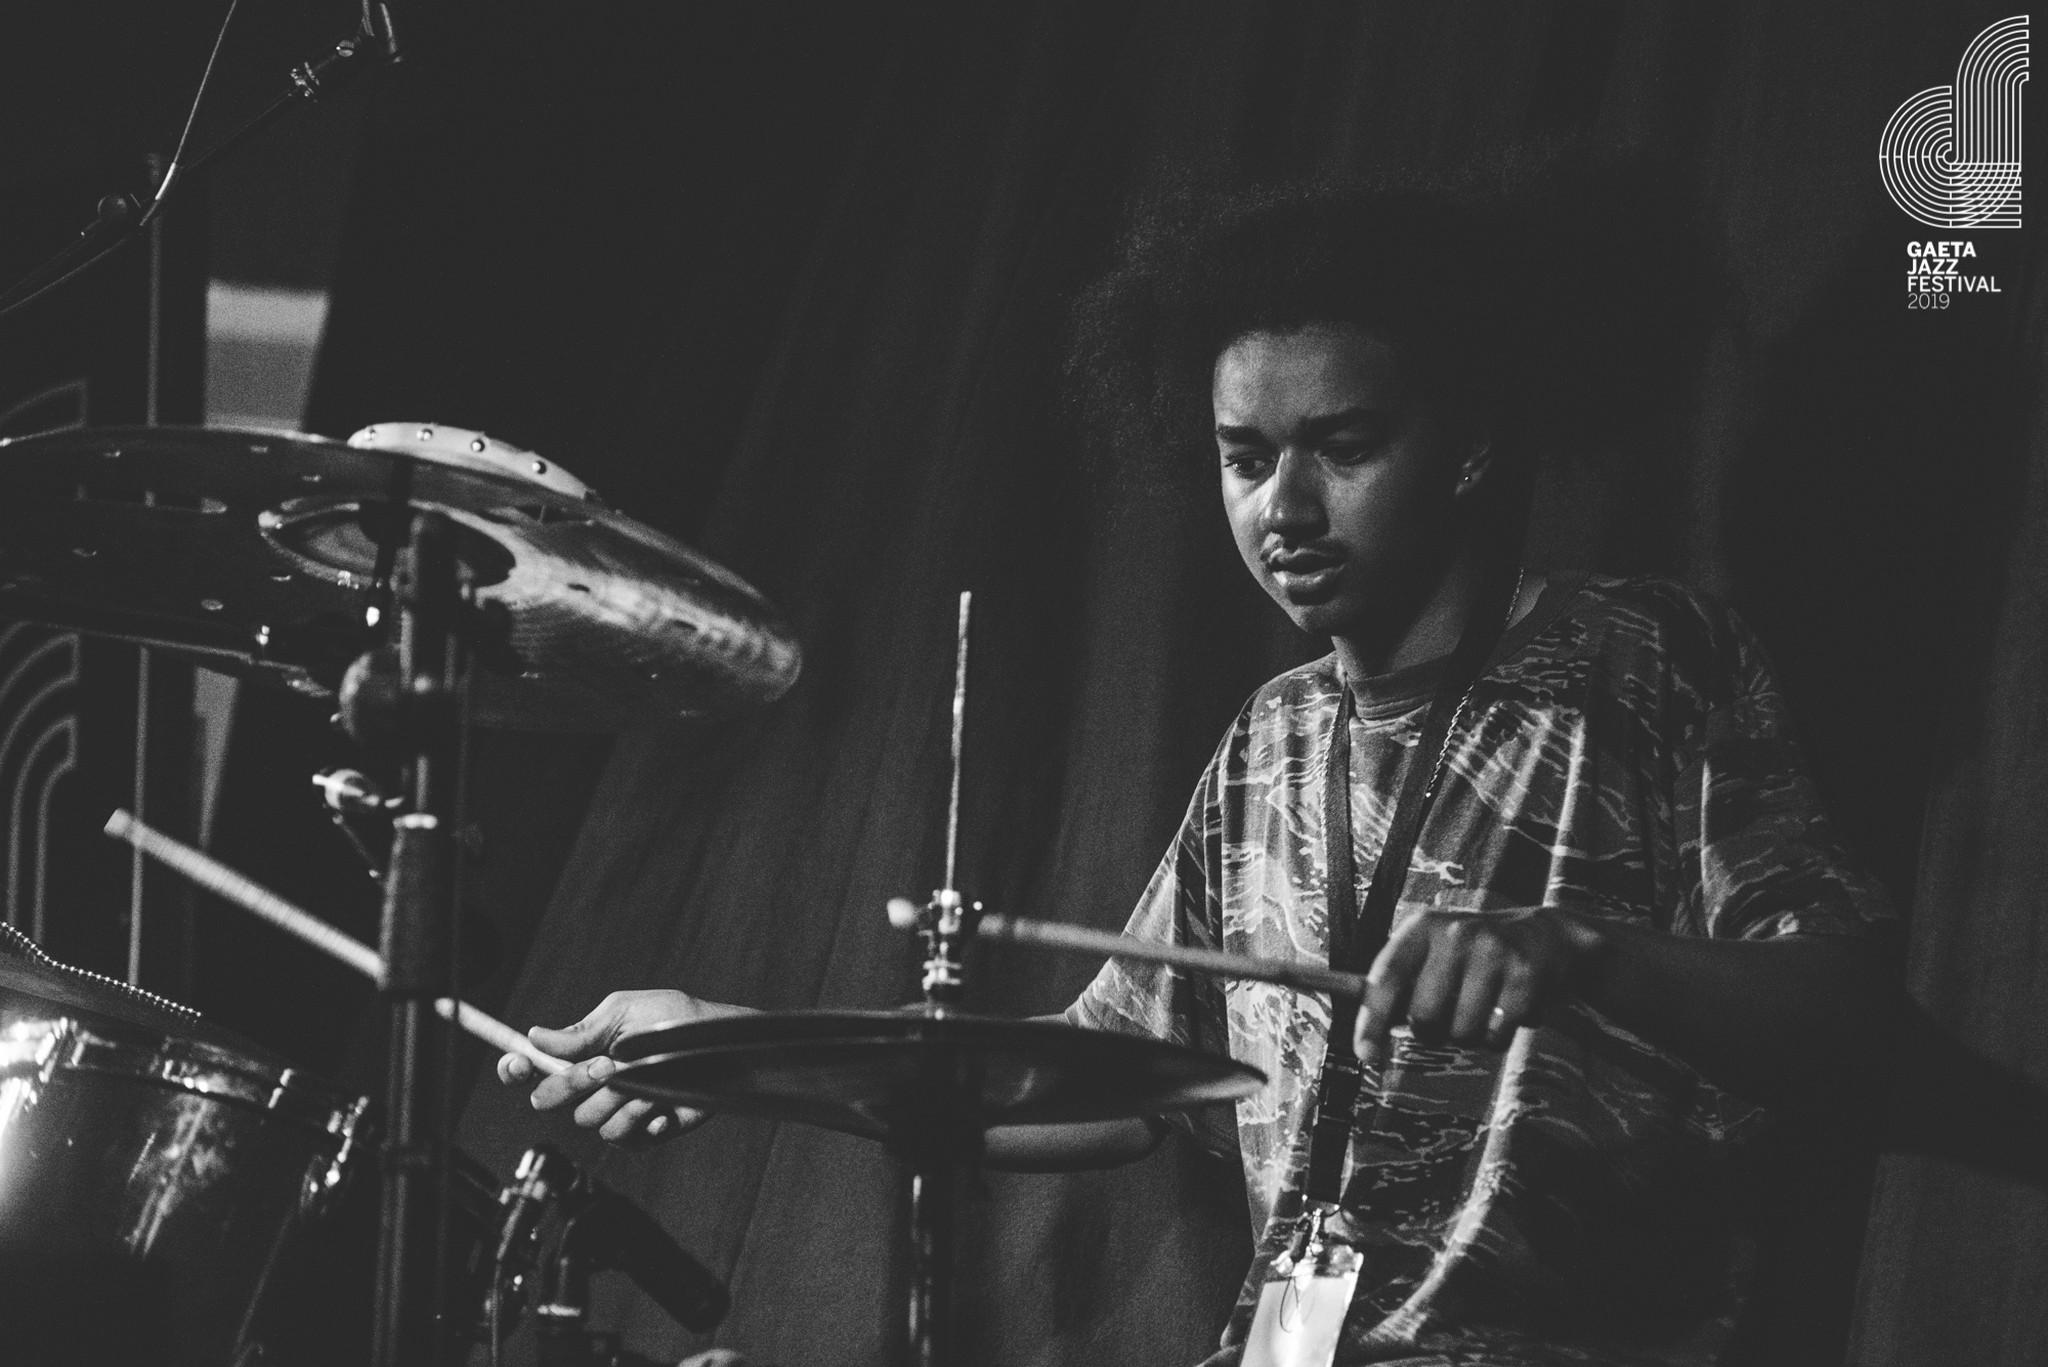 Flavia_Fiengo_Gaeta_Jazz_Festival_live_2019__00046